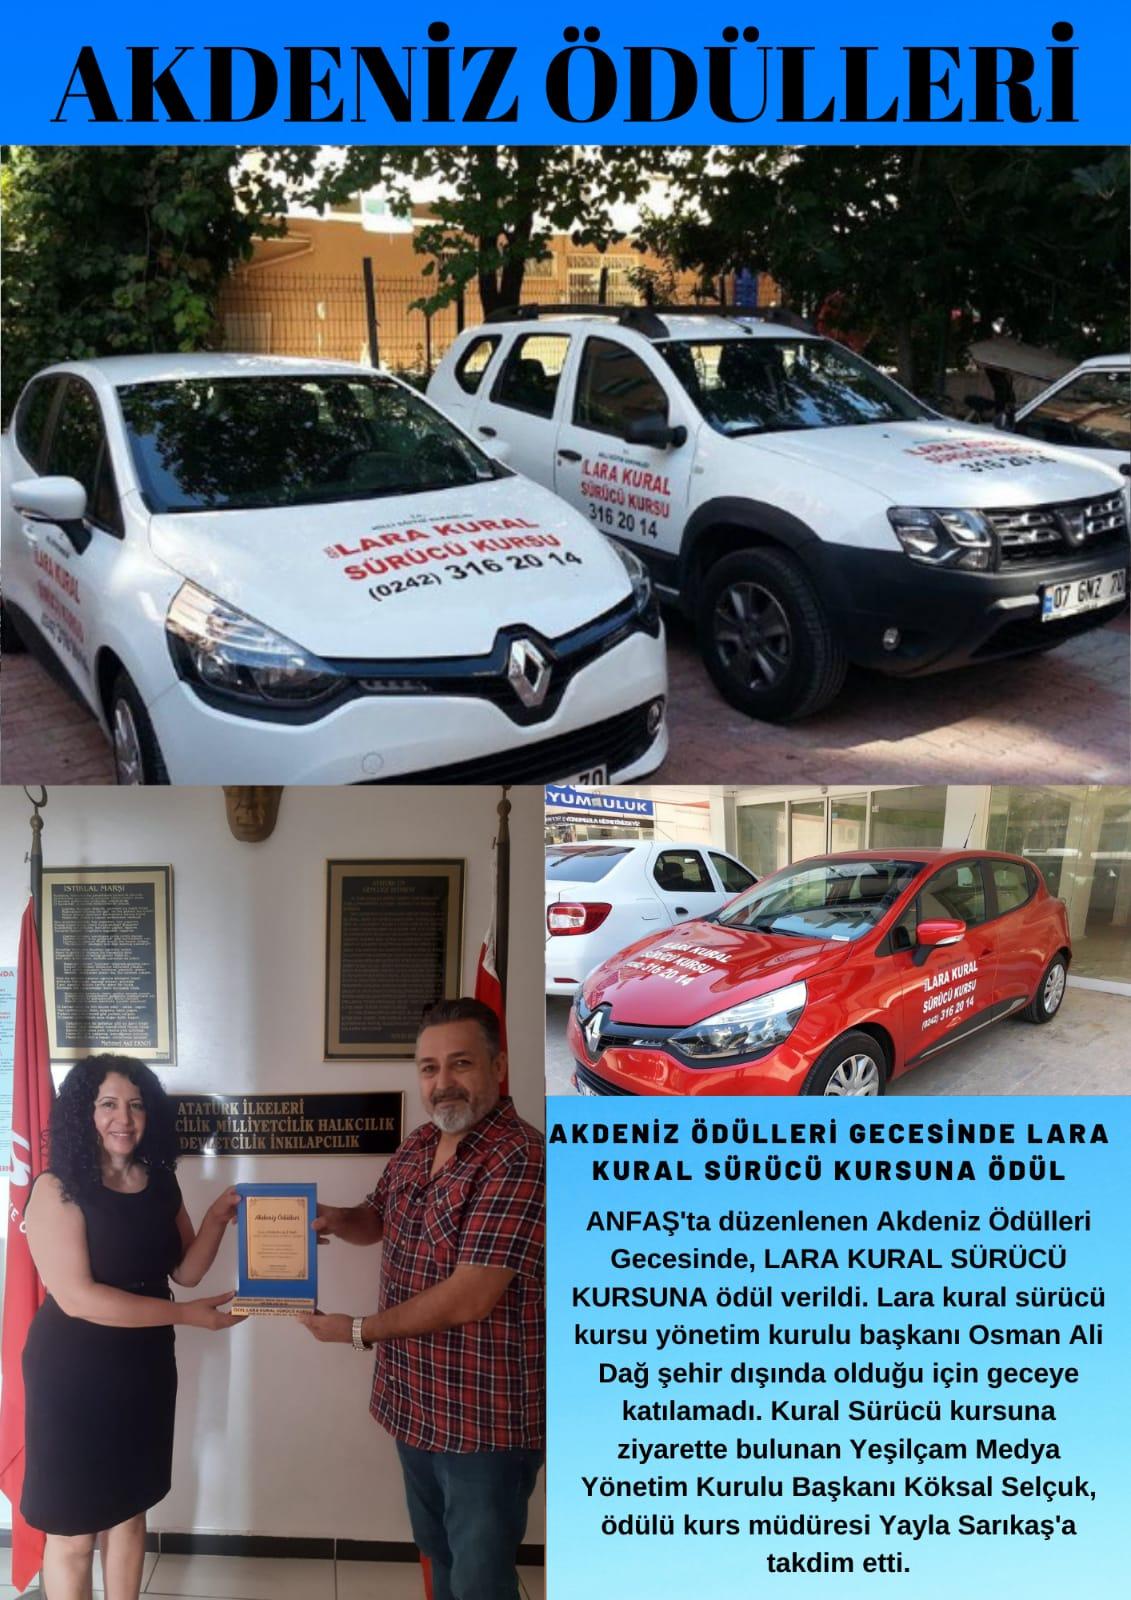 Özel Lara Kural sürücü kursuna ödül